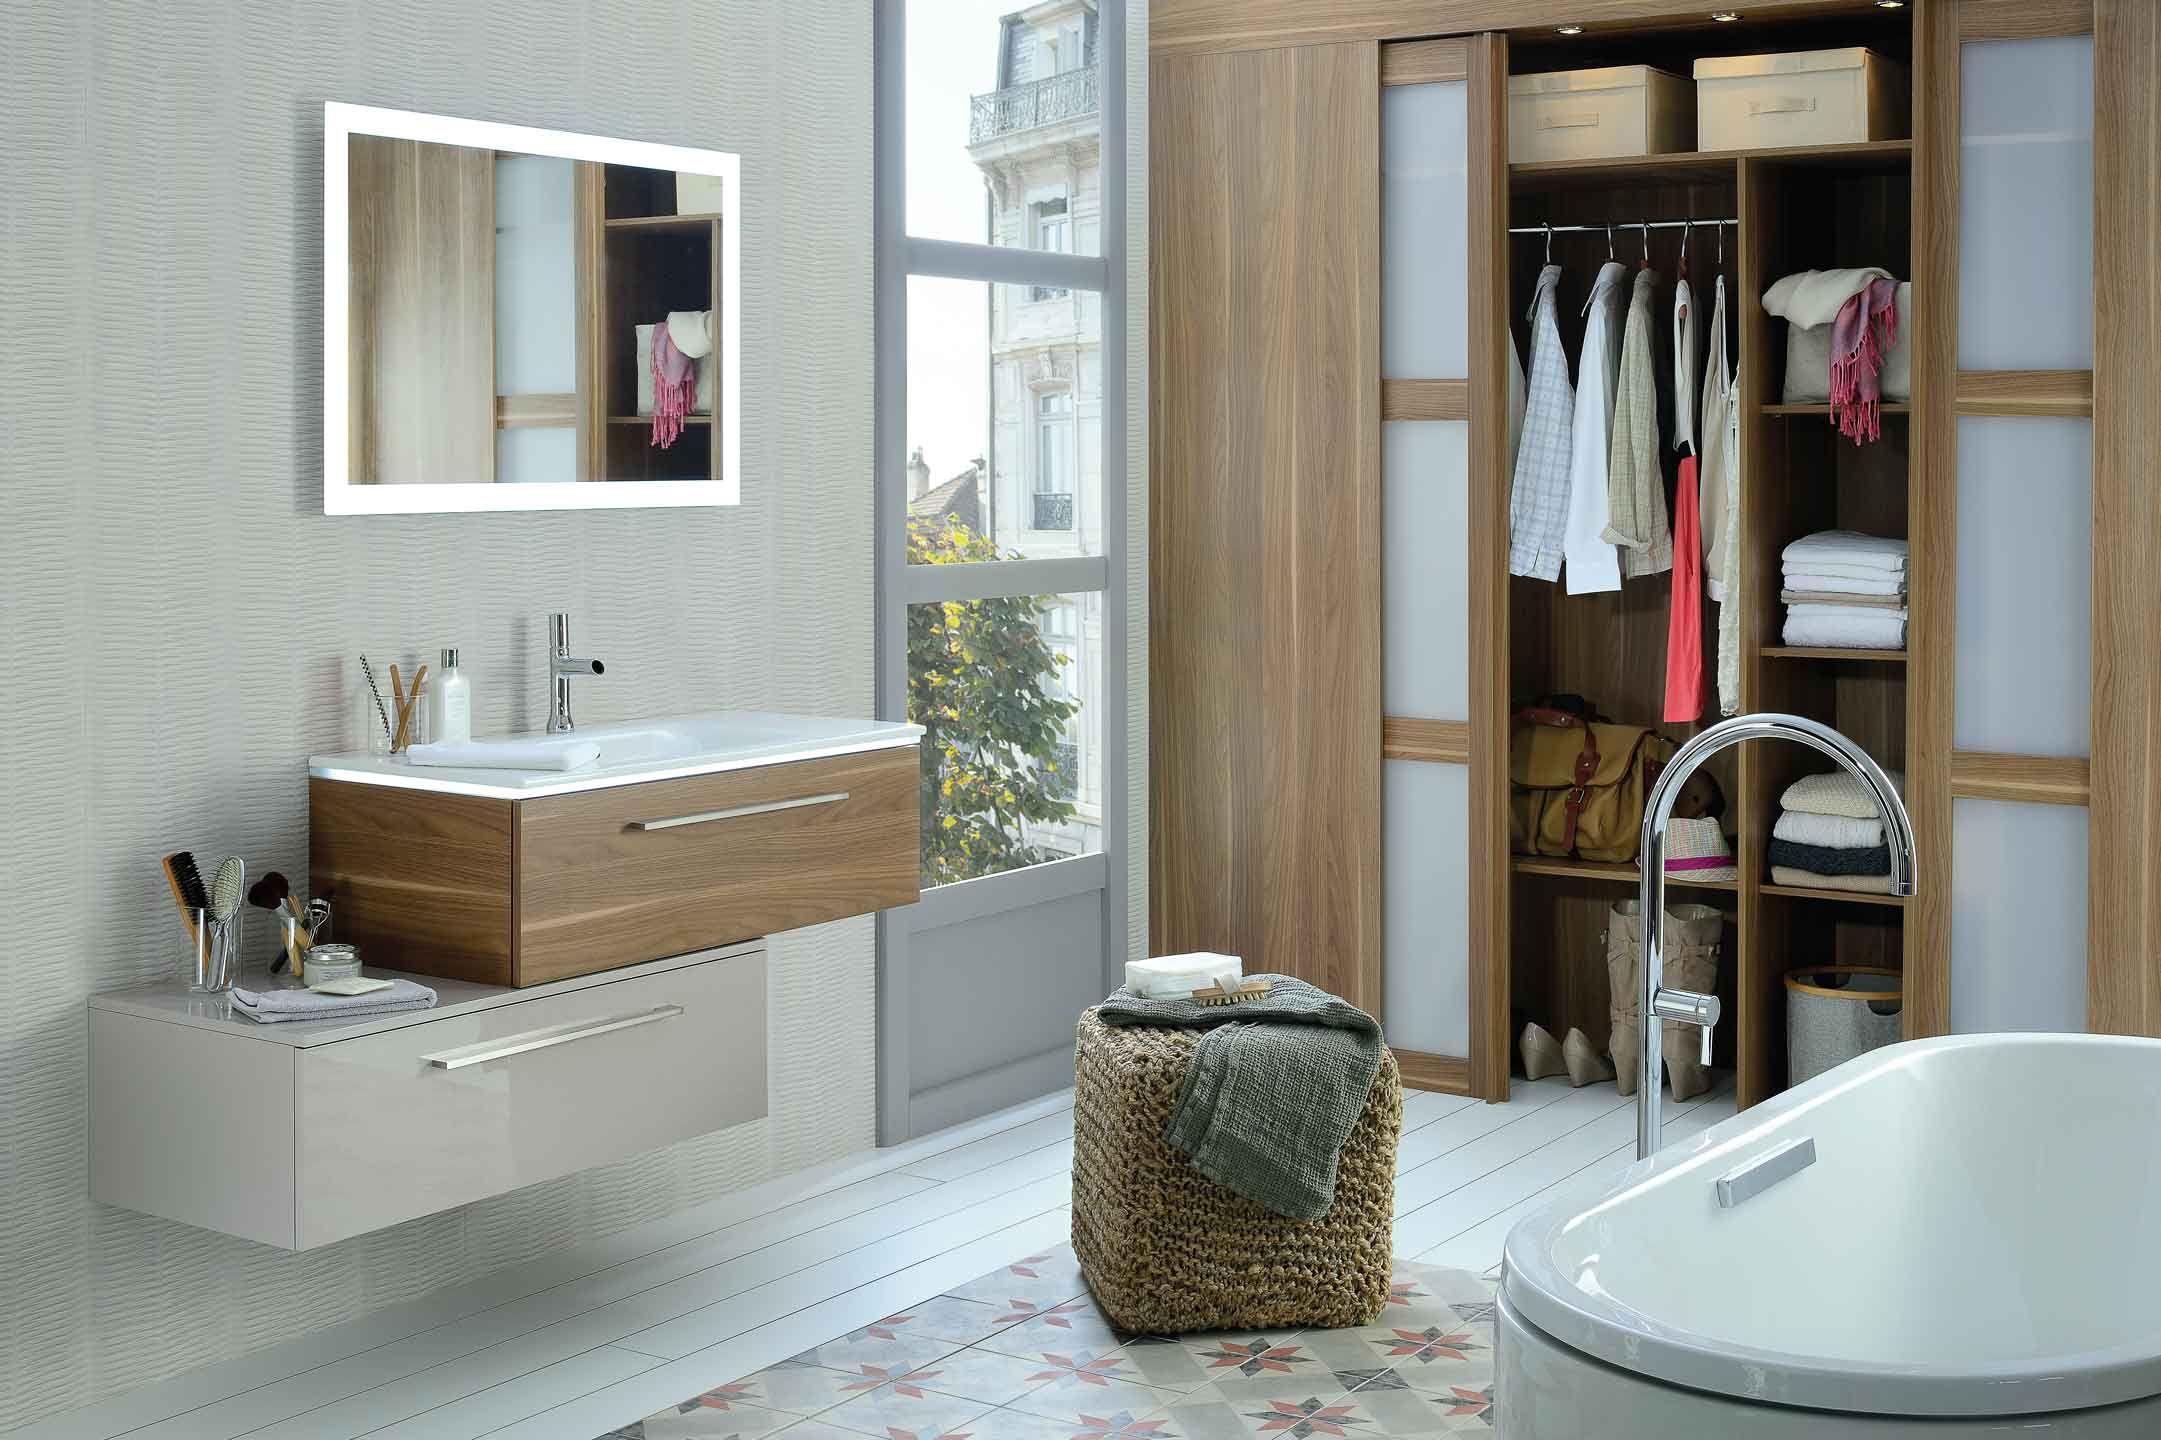 meuble halo bathroom Pinterest